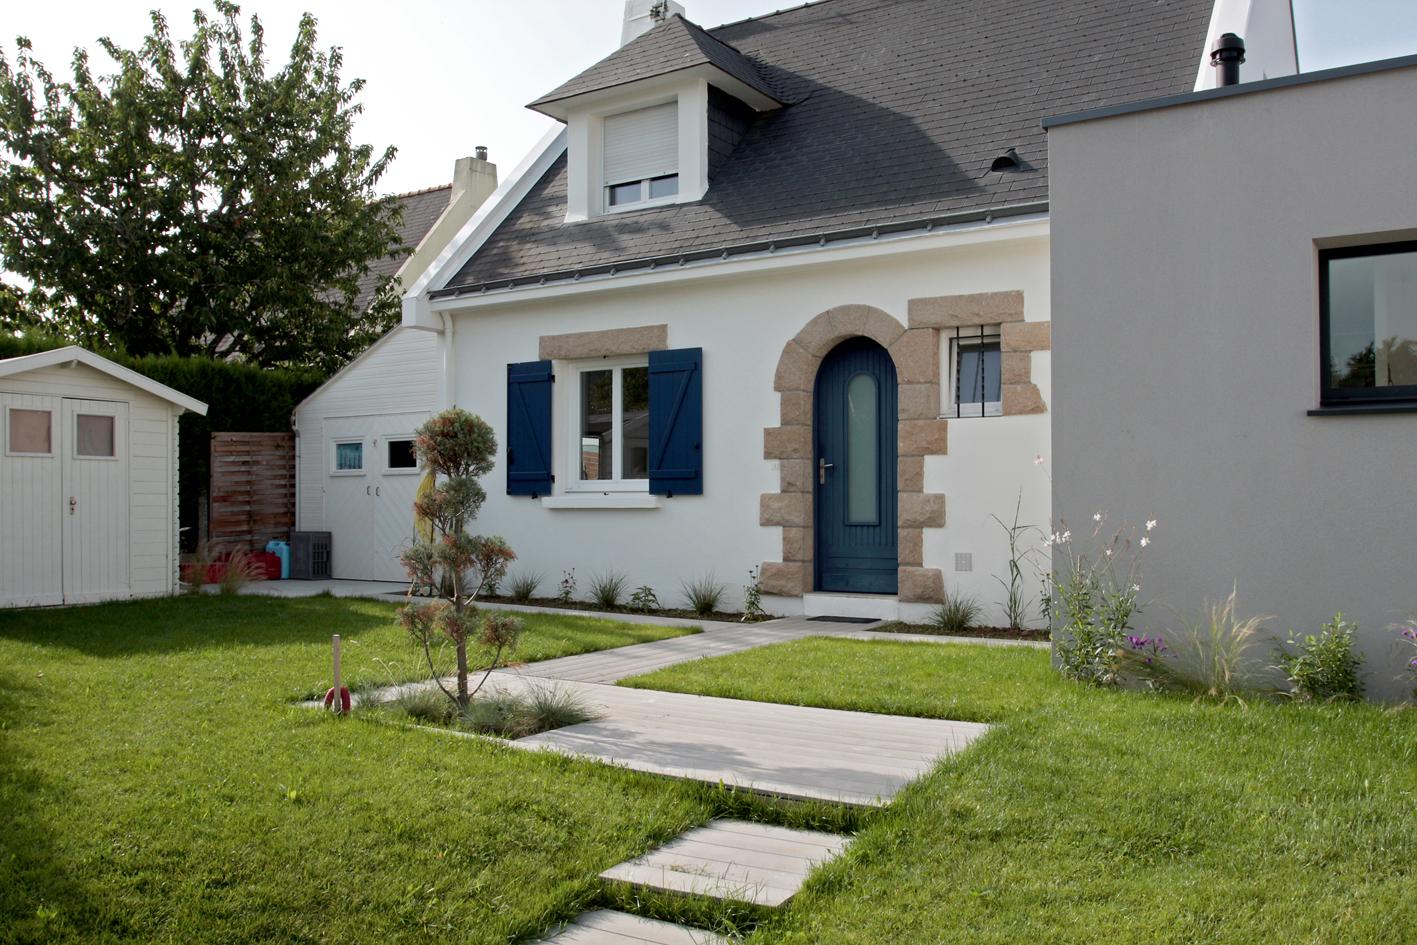 b n dicte mottais r alisation jardin moderne orvault. Black Bedroom Furniture Sets. Home Design Ideas